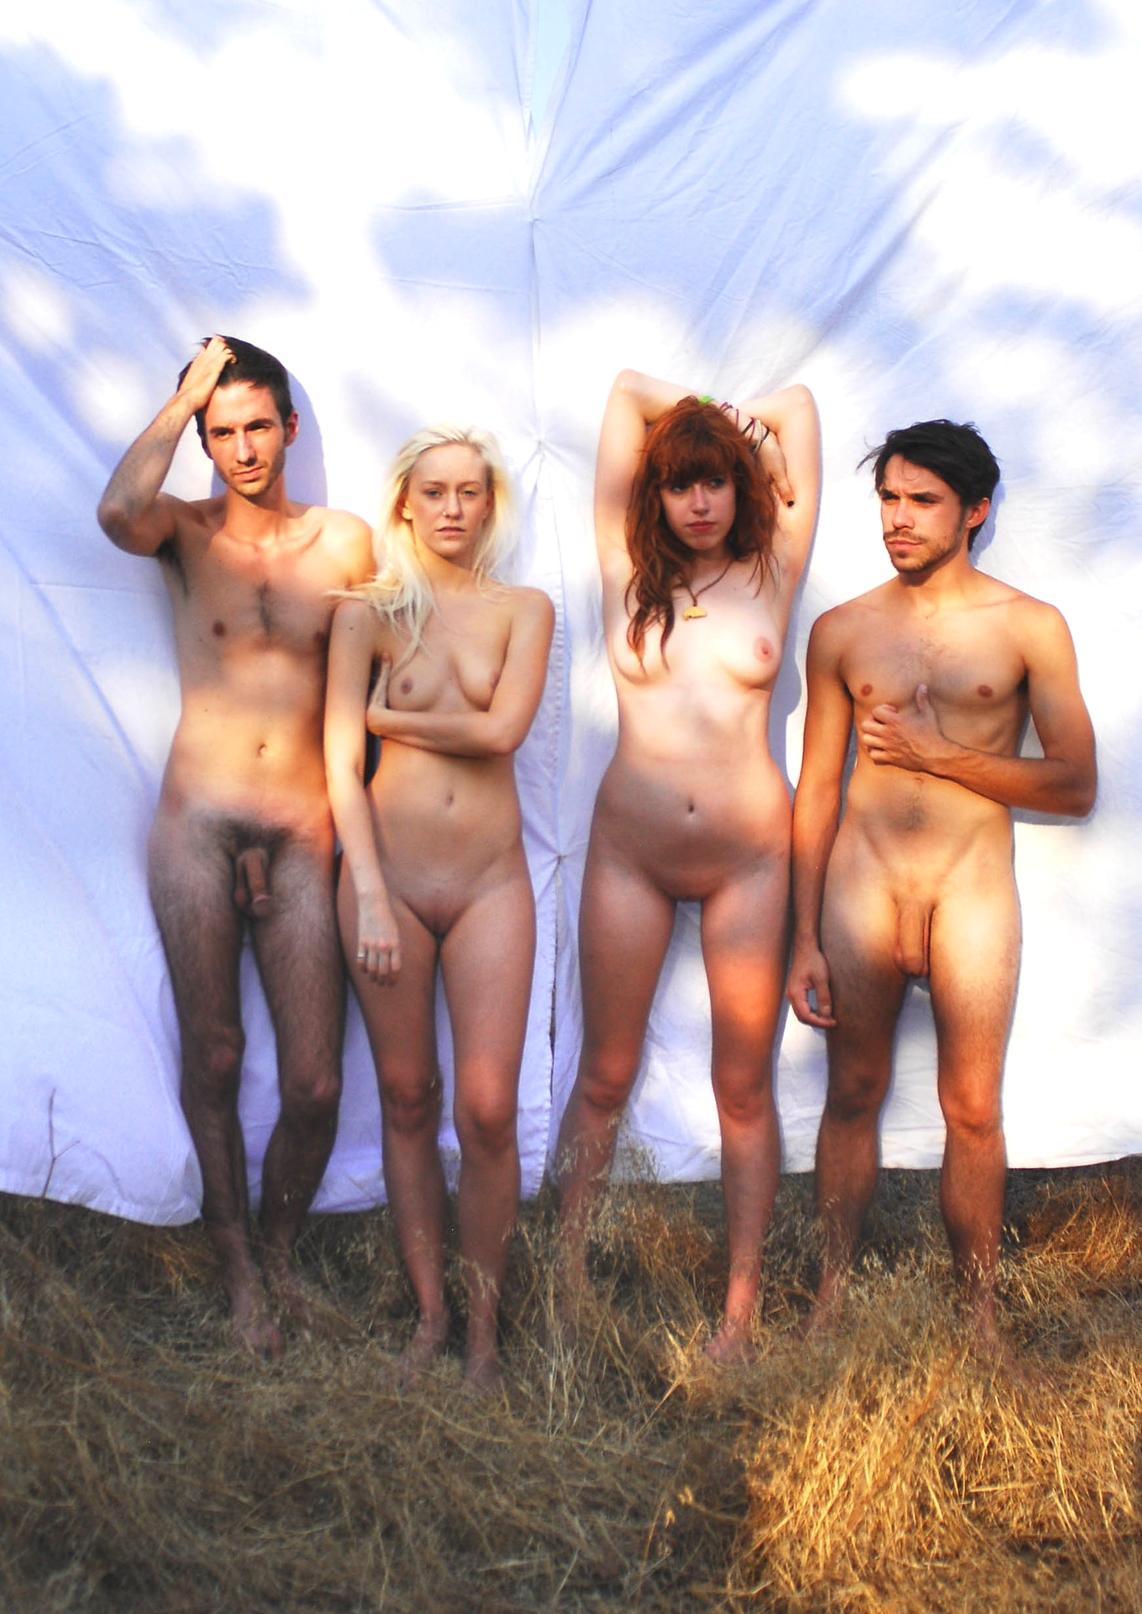 Nackt am strand gruppen